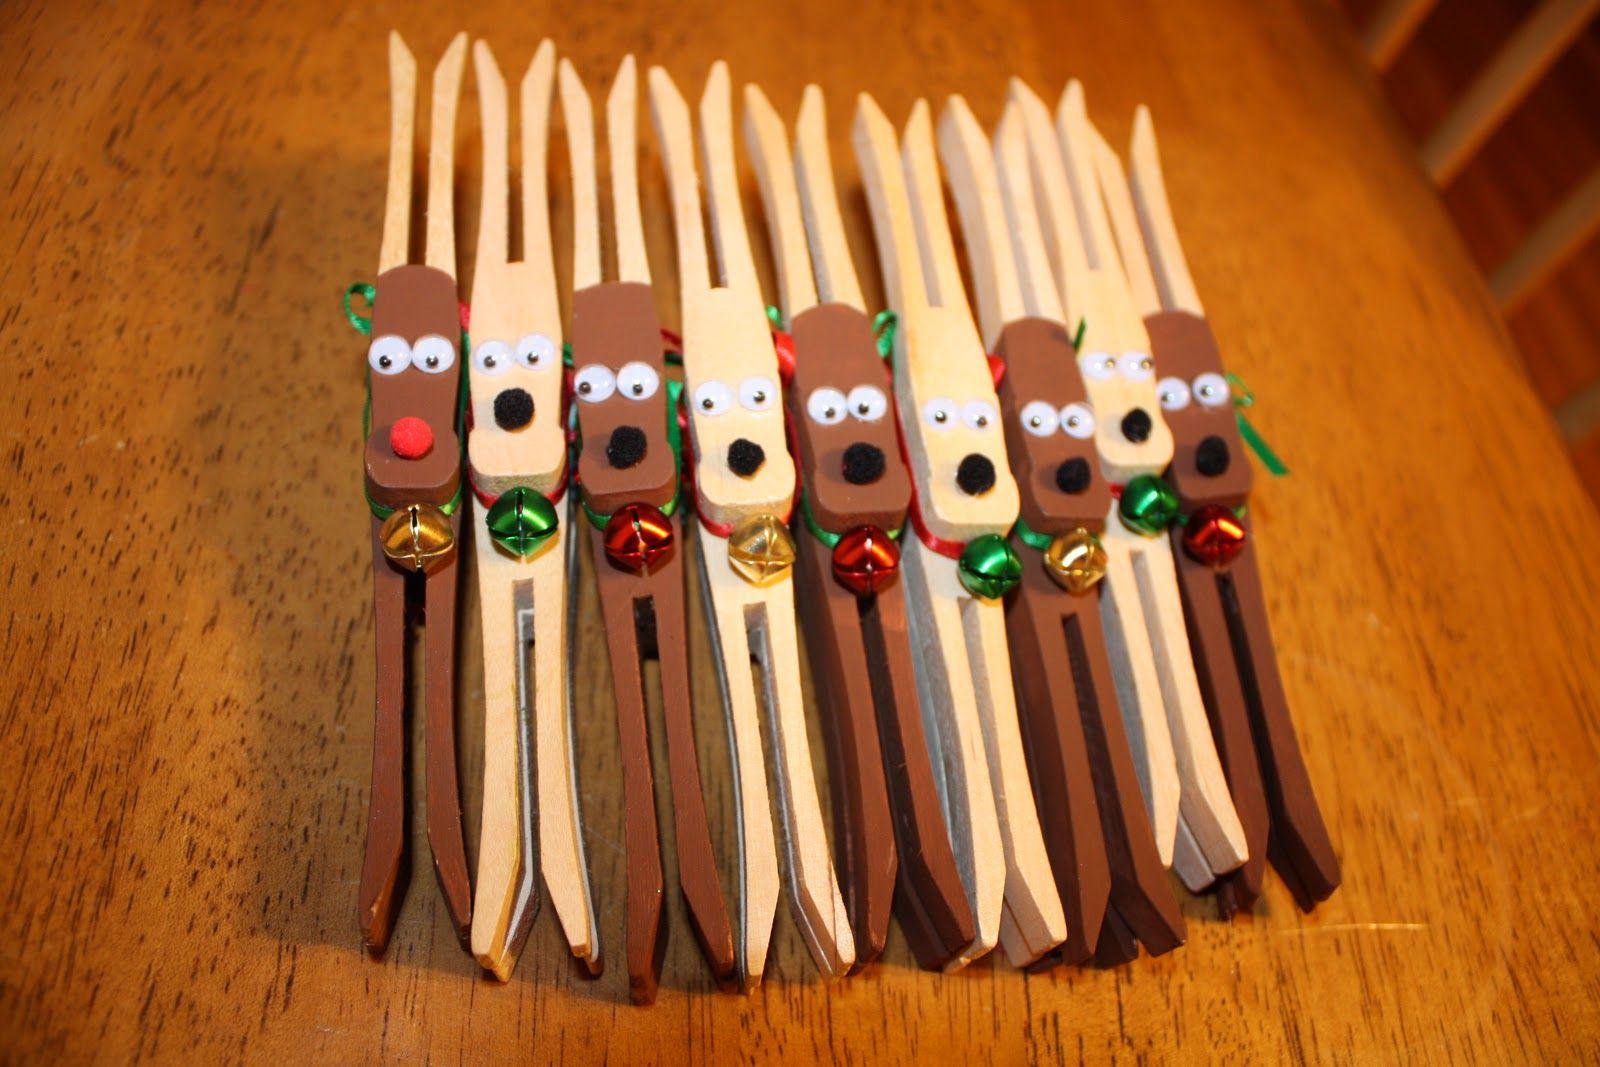 Lavoretti con mollette di legno: ecco i più belli e semplici per bambini